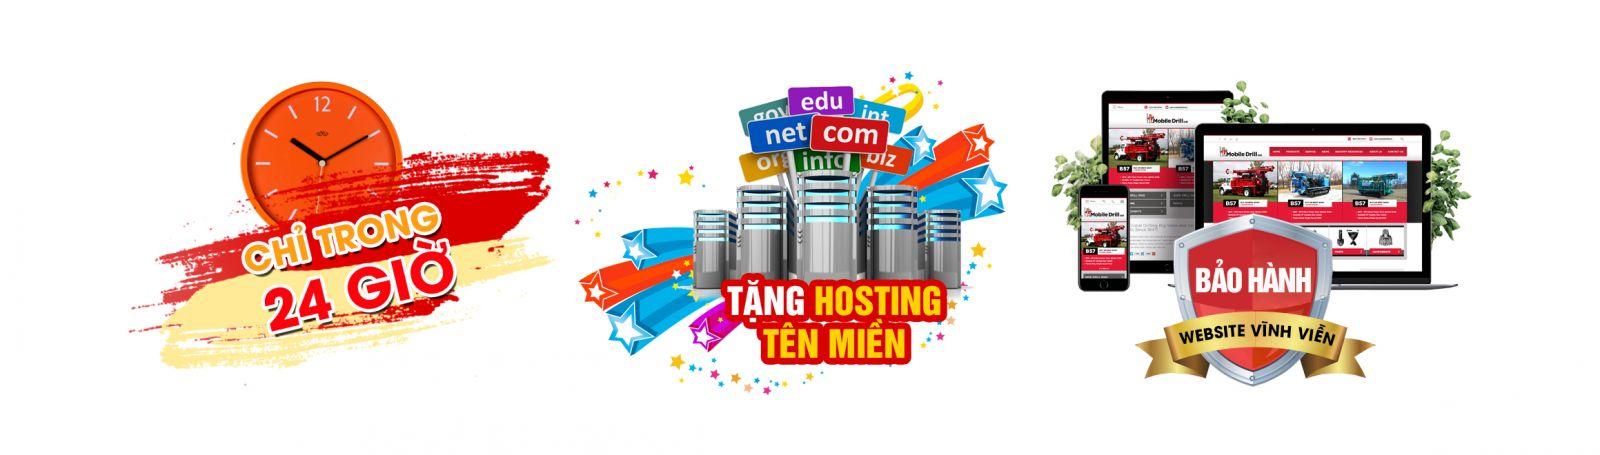 Thiết kế website Bình Thuận